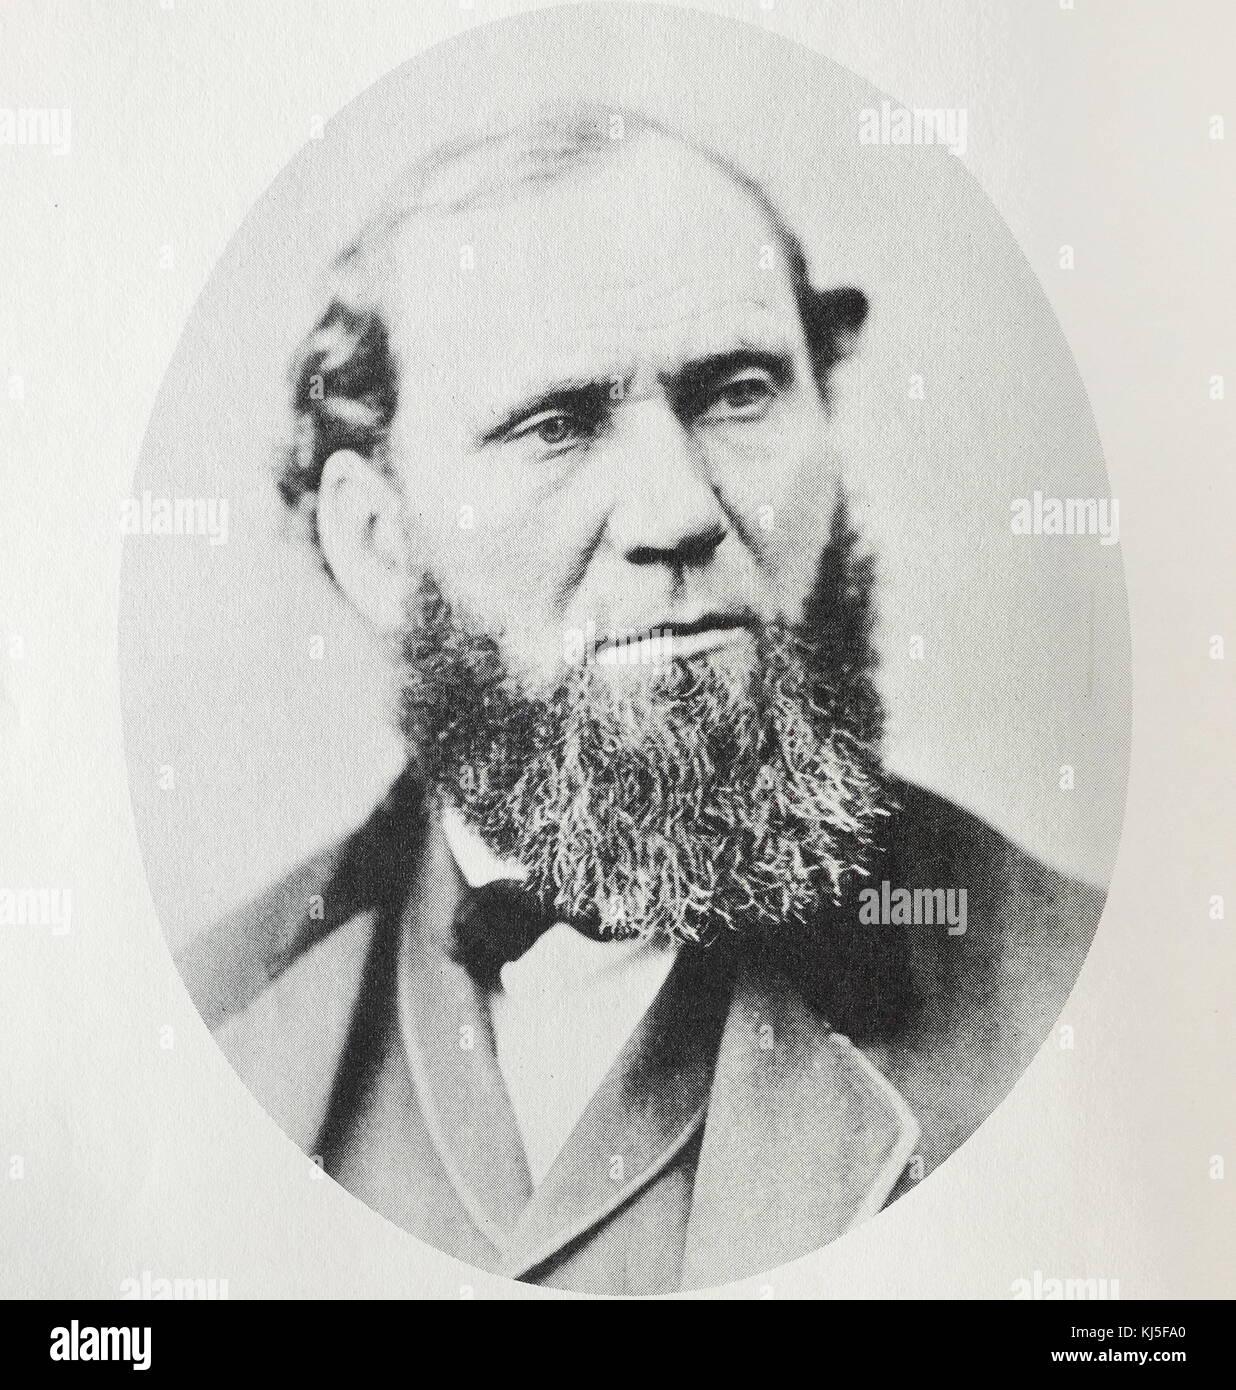 Biography of Allan Pinkerton Essay